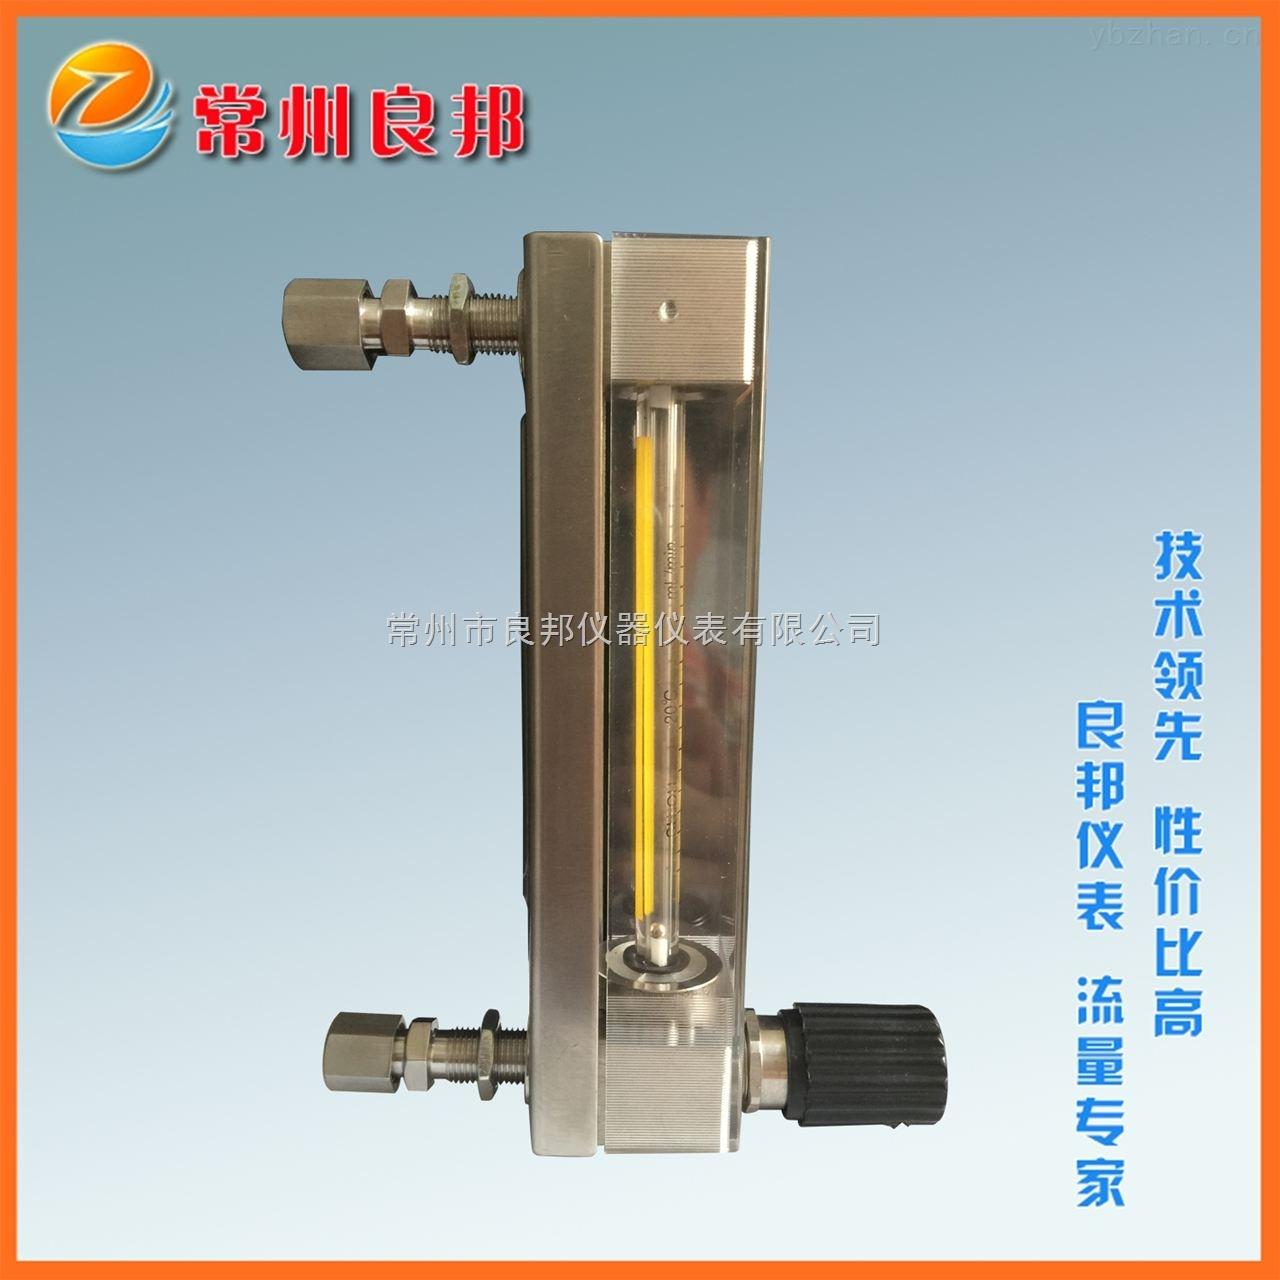 DK800-6F-甲醇玻璃转子流量计常州厂家现货批发 热处理电炉配套G1/4内丝接头